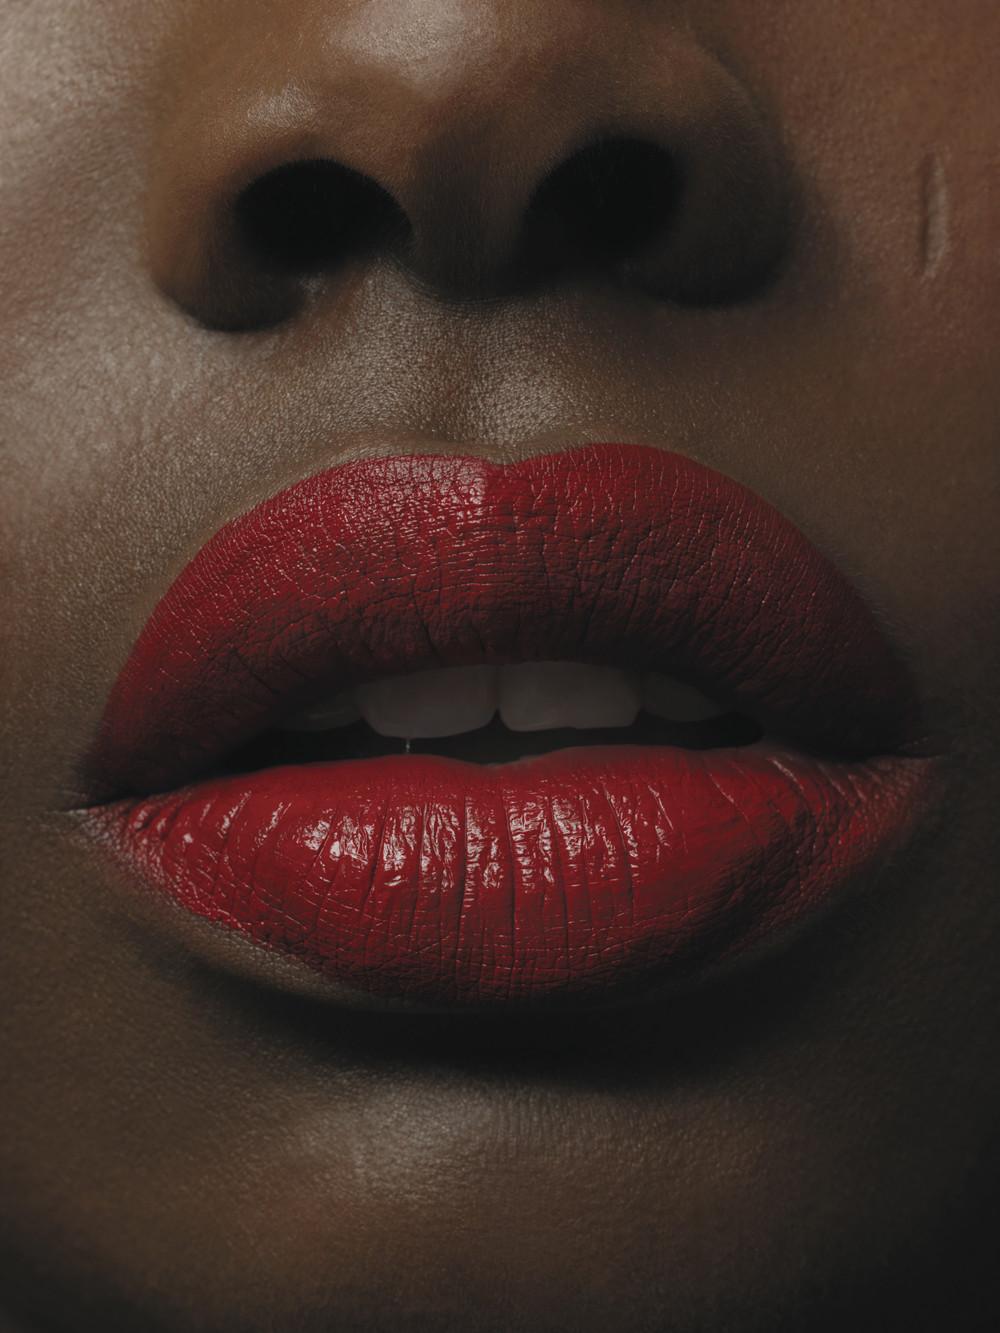 口罩,是否会导致口红的终结?